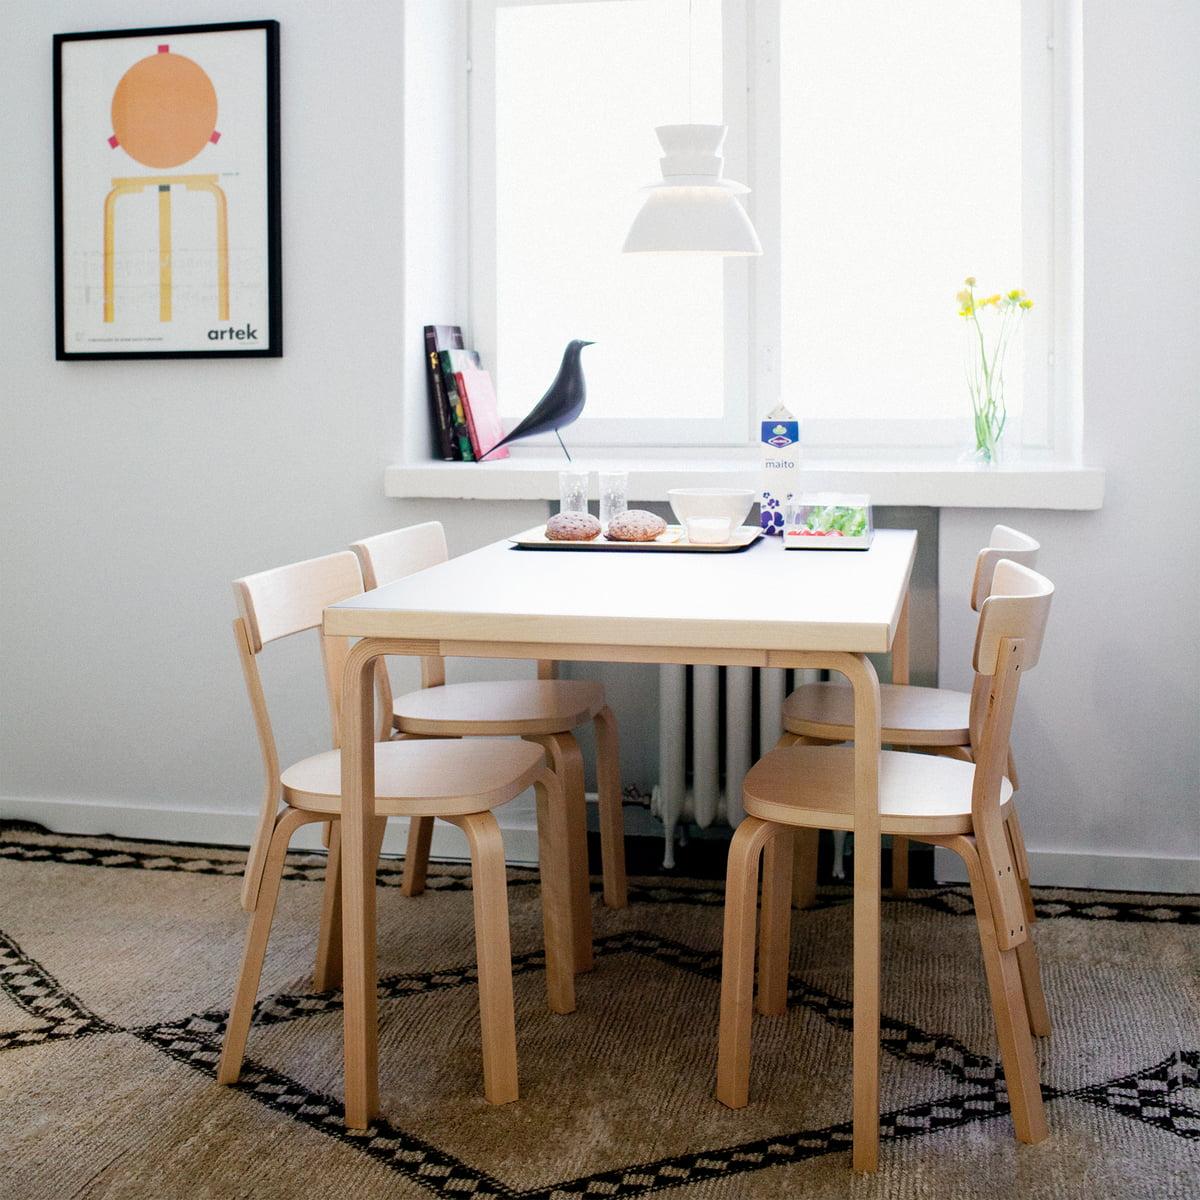 poster stool 60 by artek. Black Bedroom Furniture Sets. Home Design Ideas